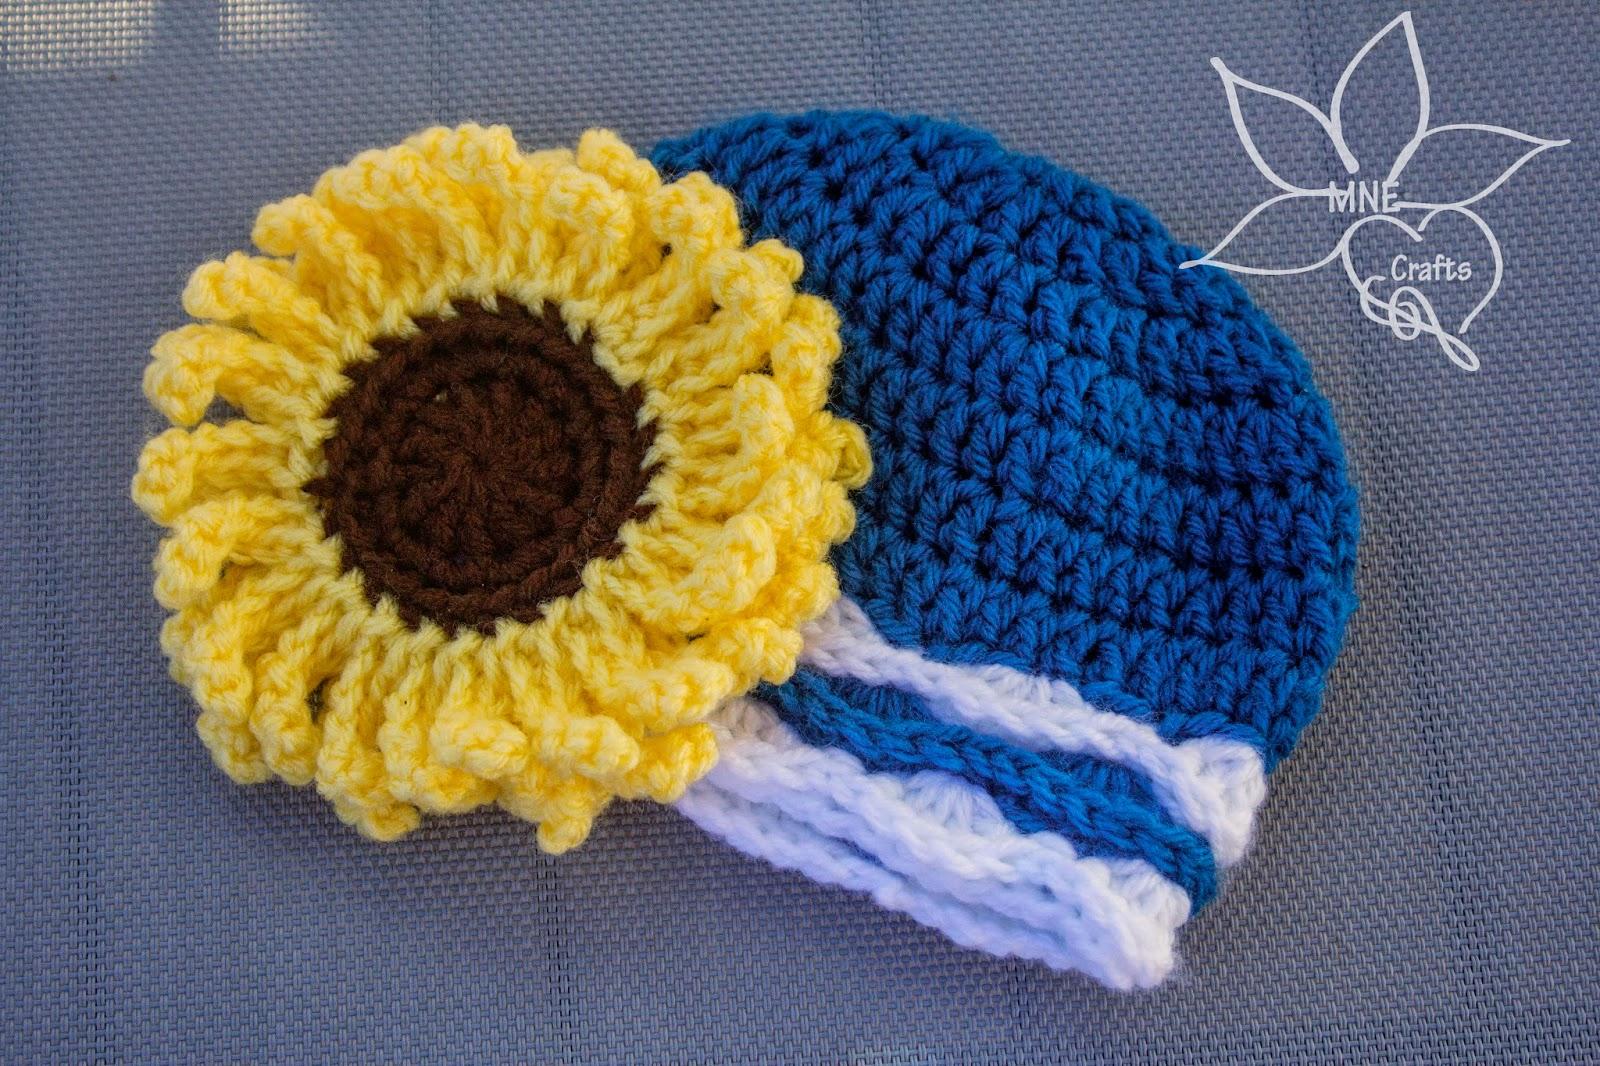 Mne Crafts Crochet Supporting Als Free Sunflower Als Baby Beanie